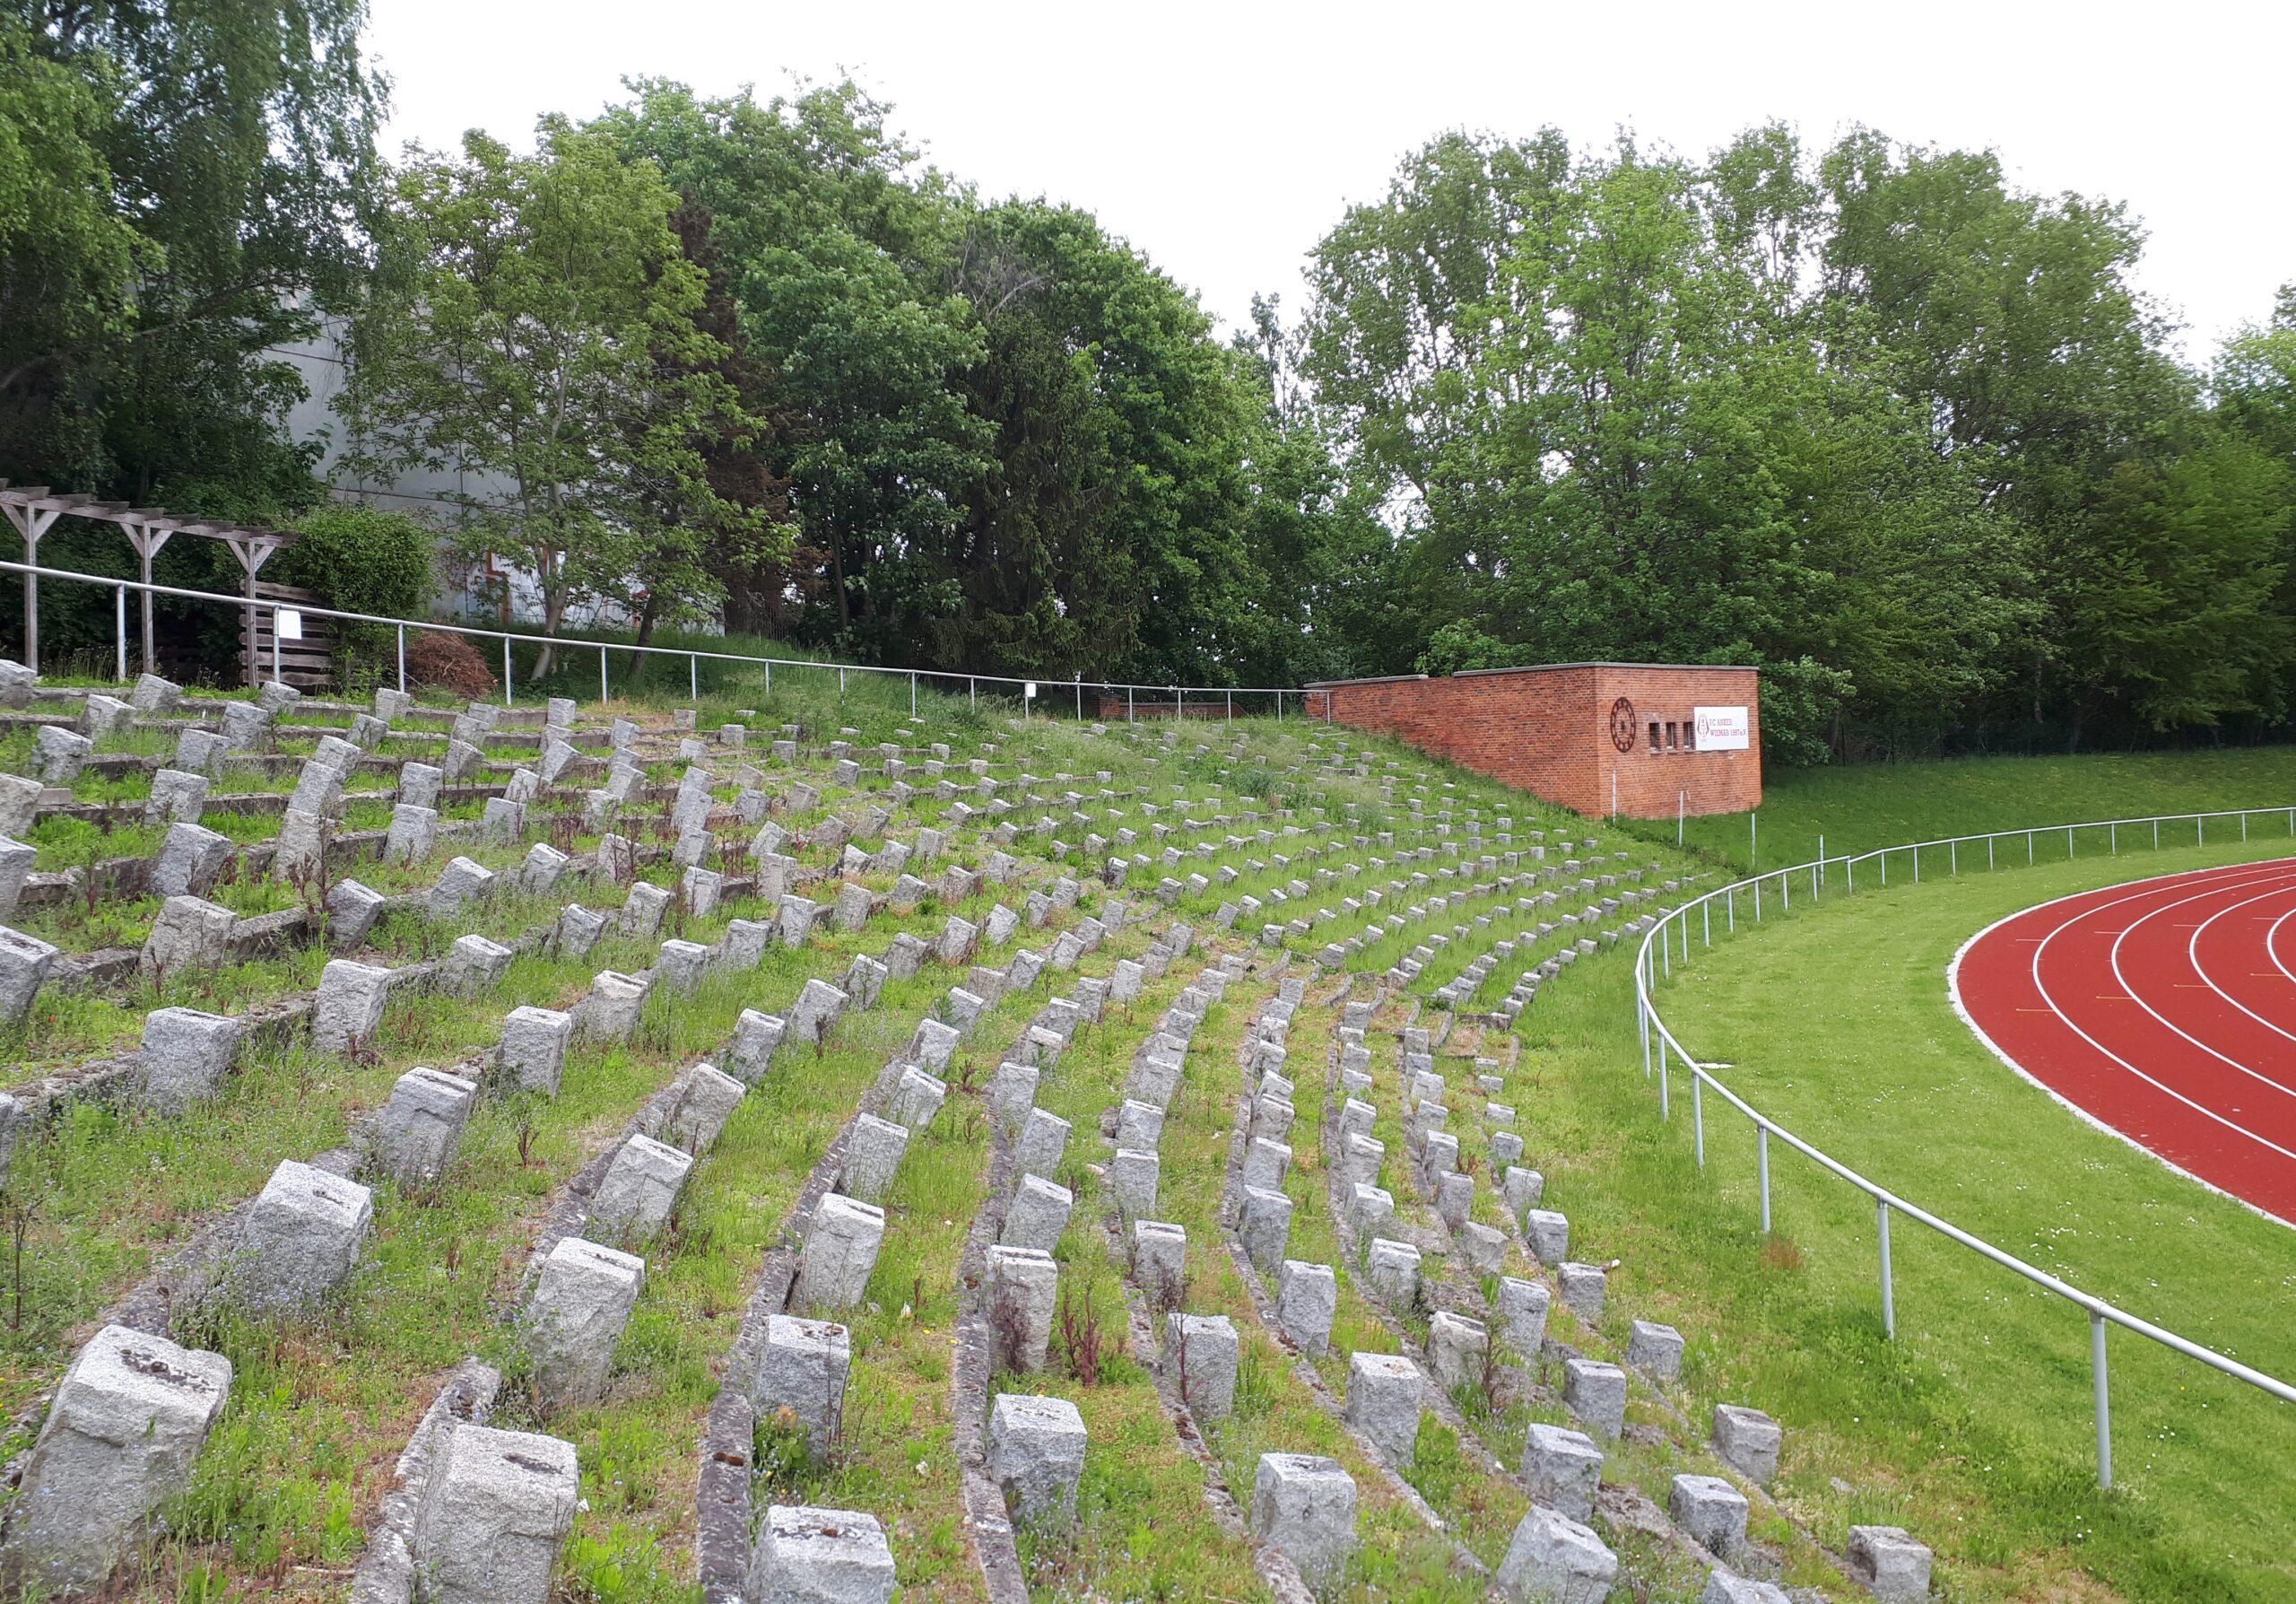 Das Kurt-Bürger-Stadion in Wismar